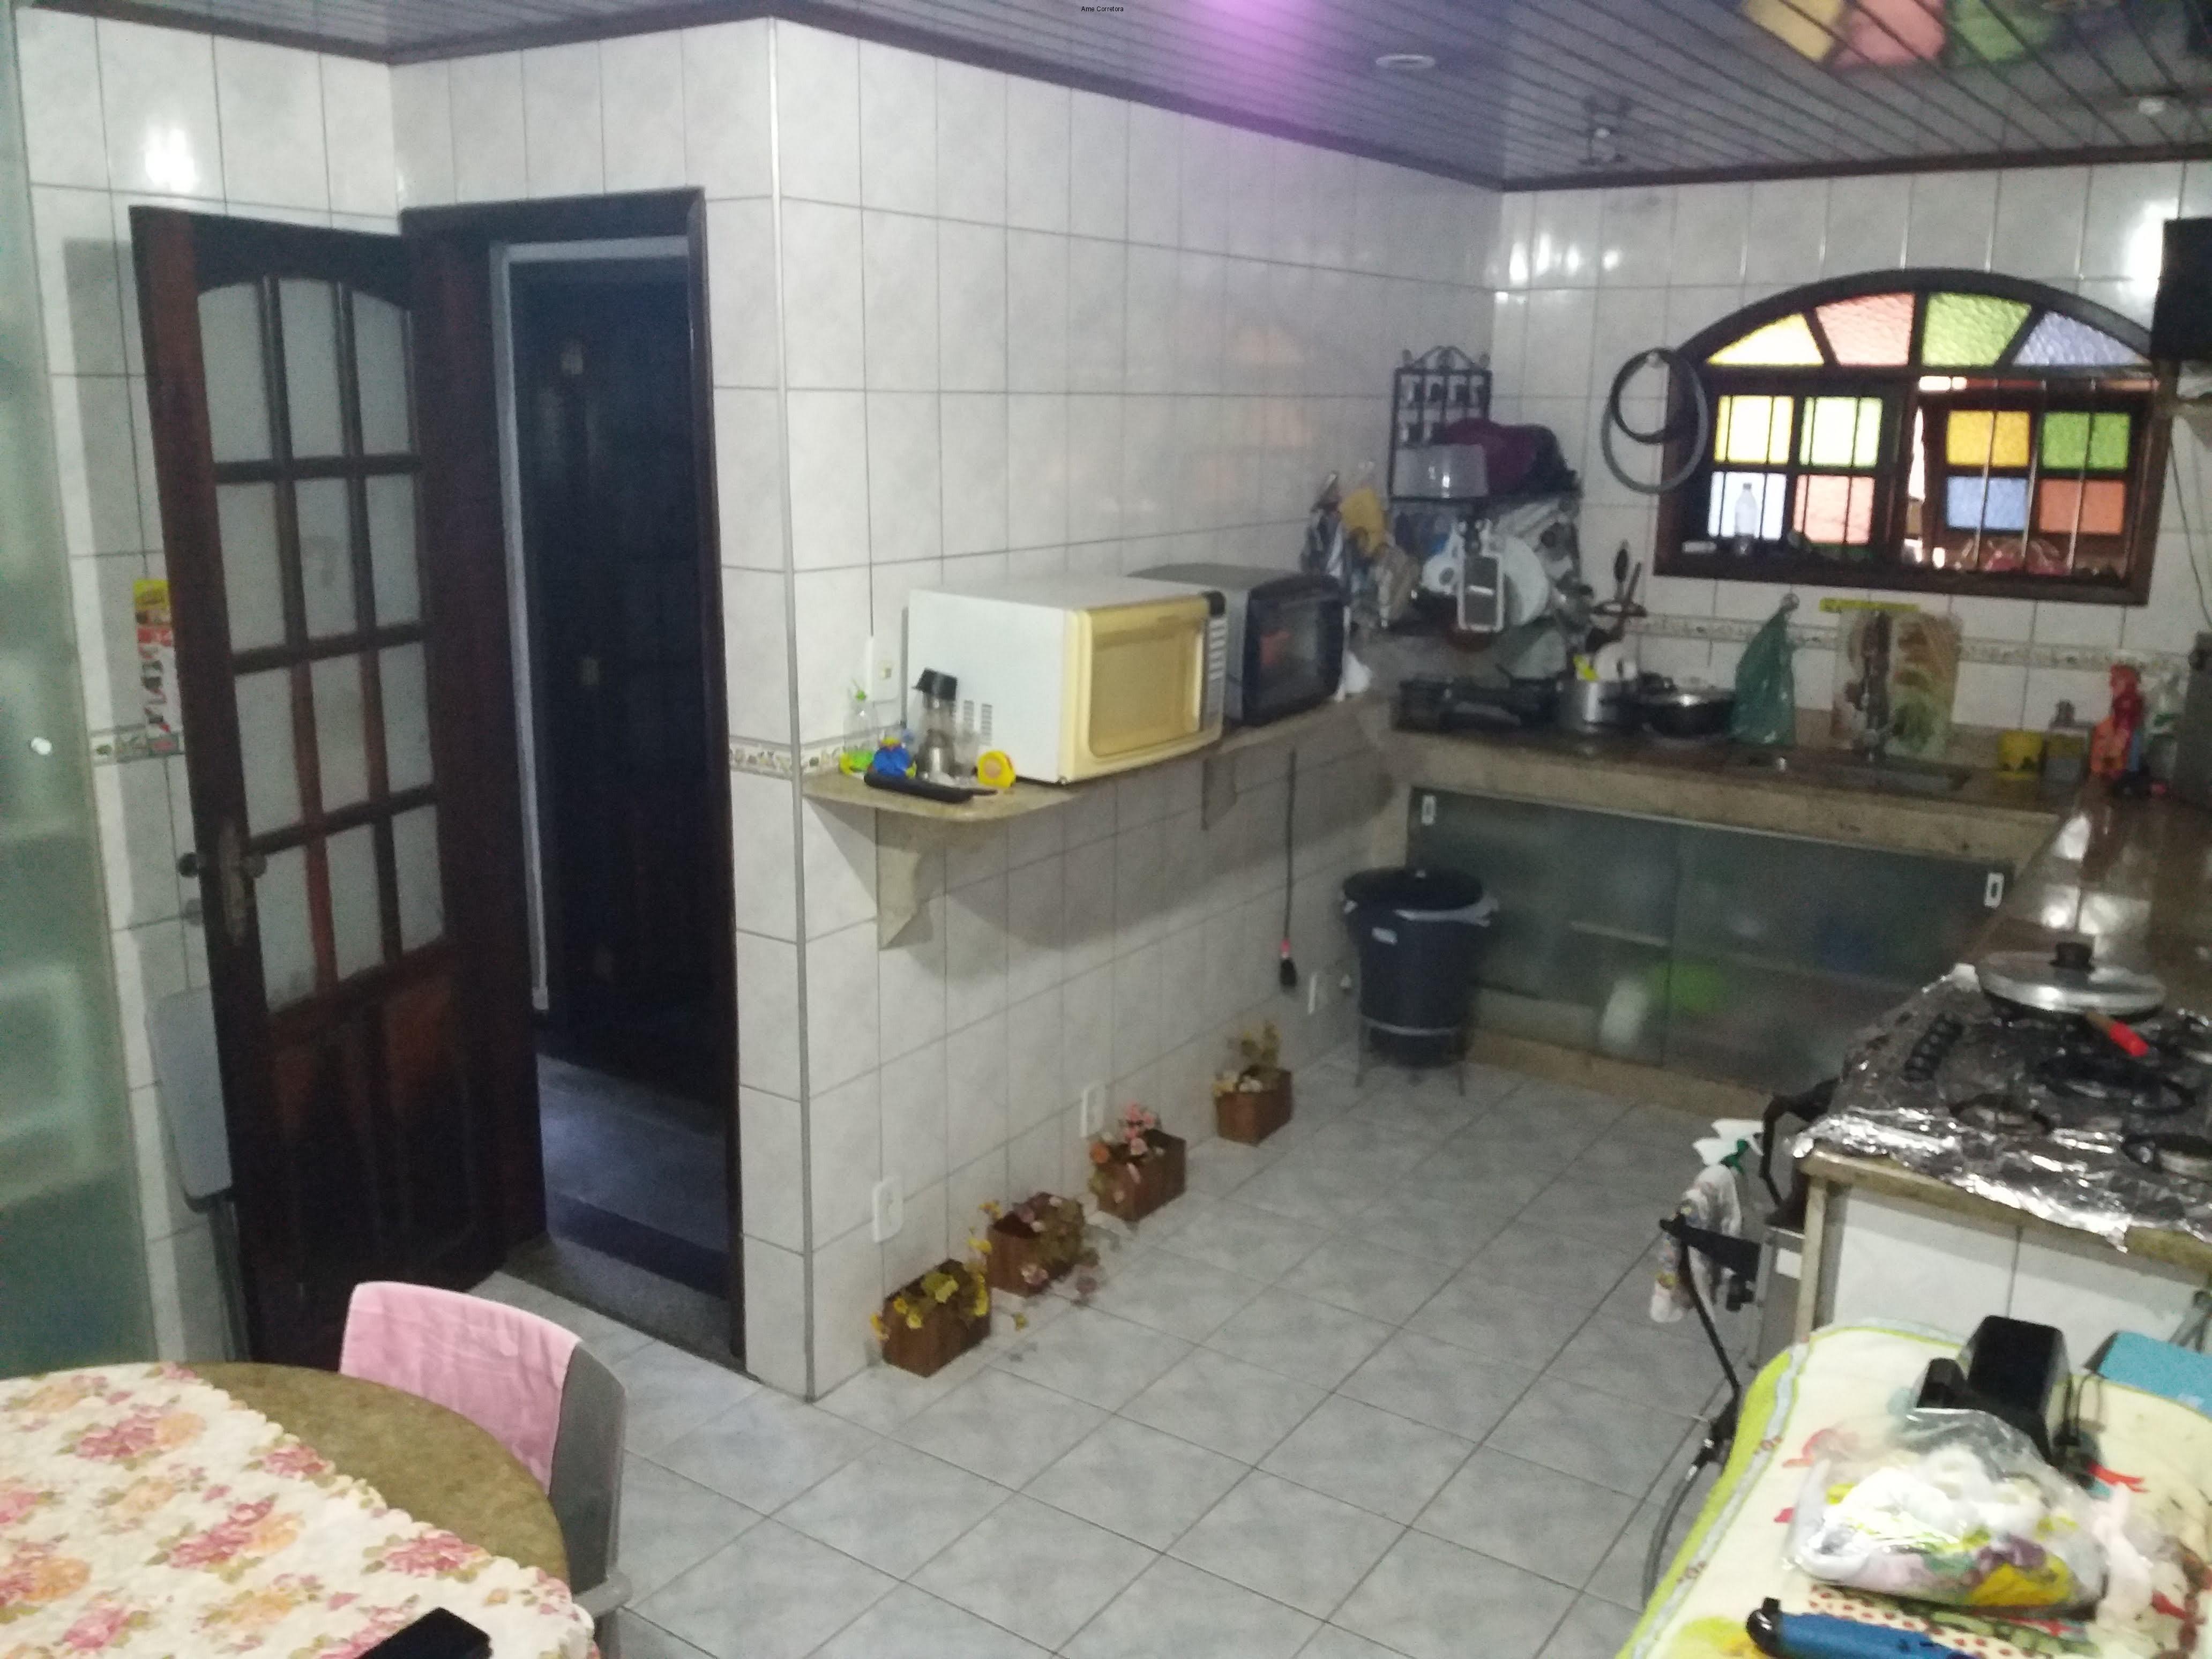 FOTO 35 - Casa 3 quartos à venda Rio de Janeiro,RJ Bangu - R$ 900.000 - CA00648 - 36